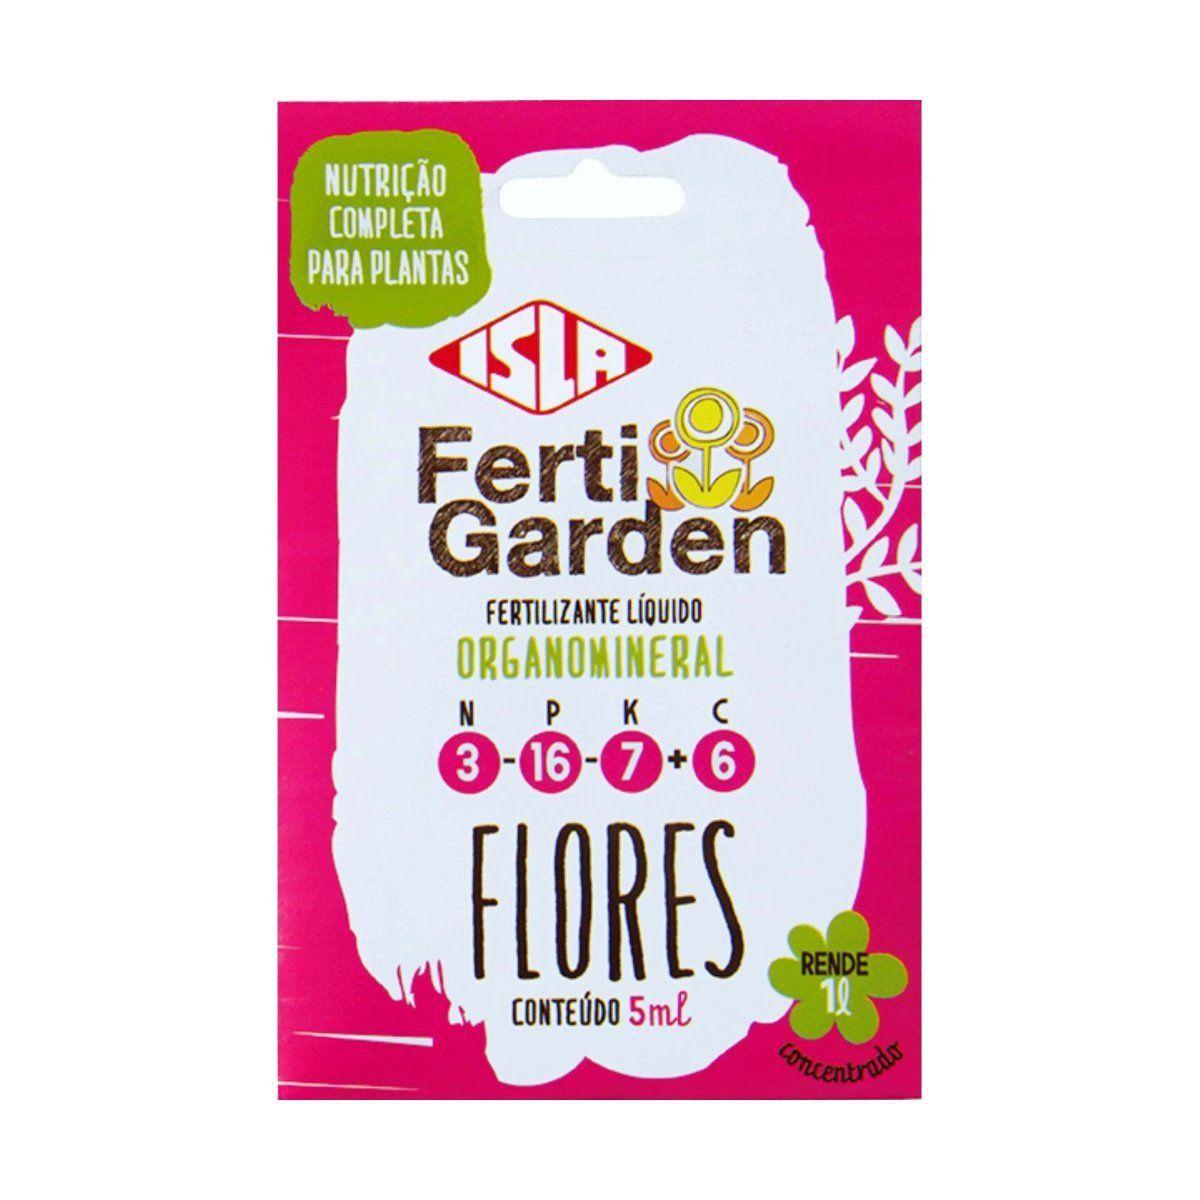 Adubo Fertigarden Flores 5 Ml